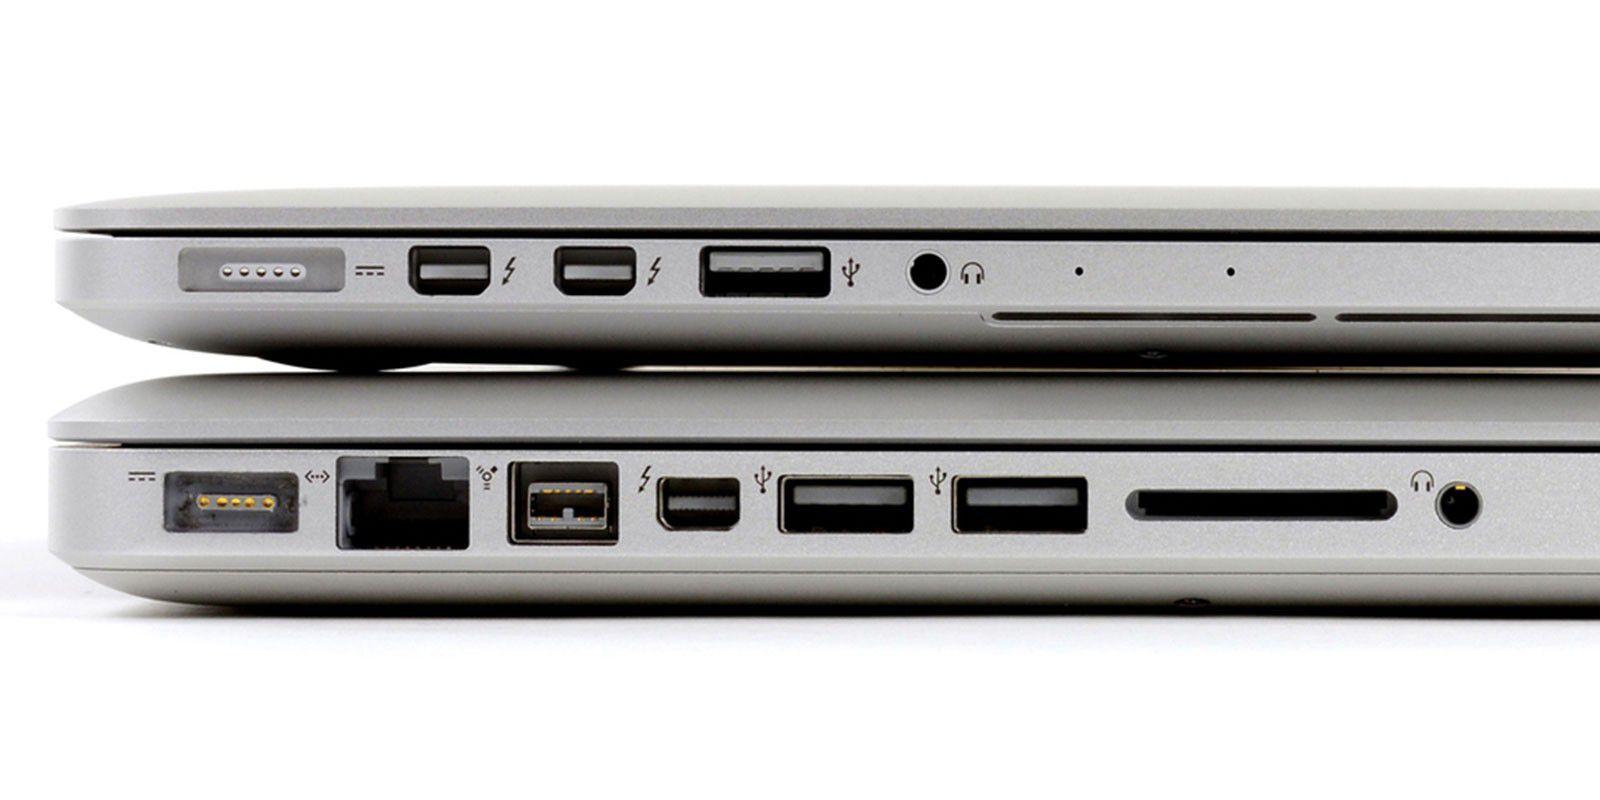 Verbindung nach draußen: Monitore, Netze, Peripherie - Macwelt